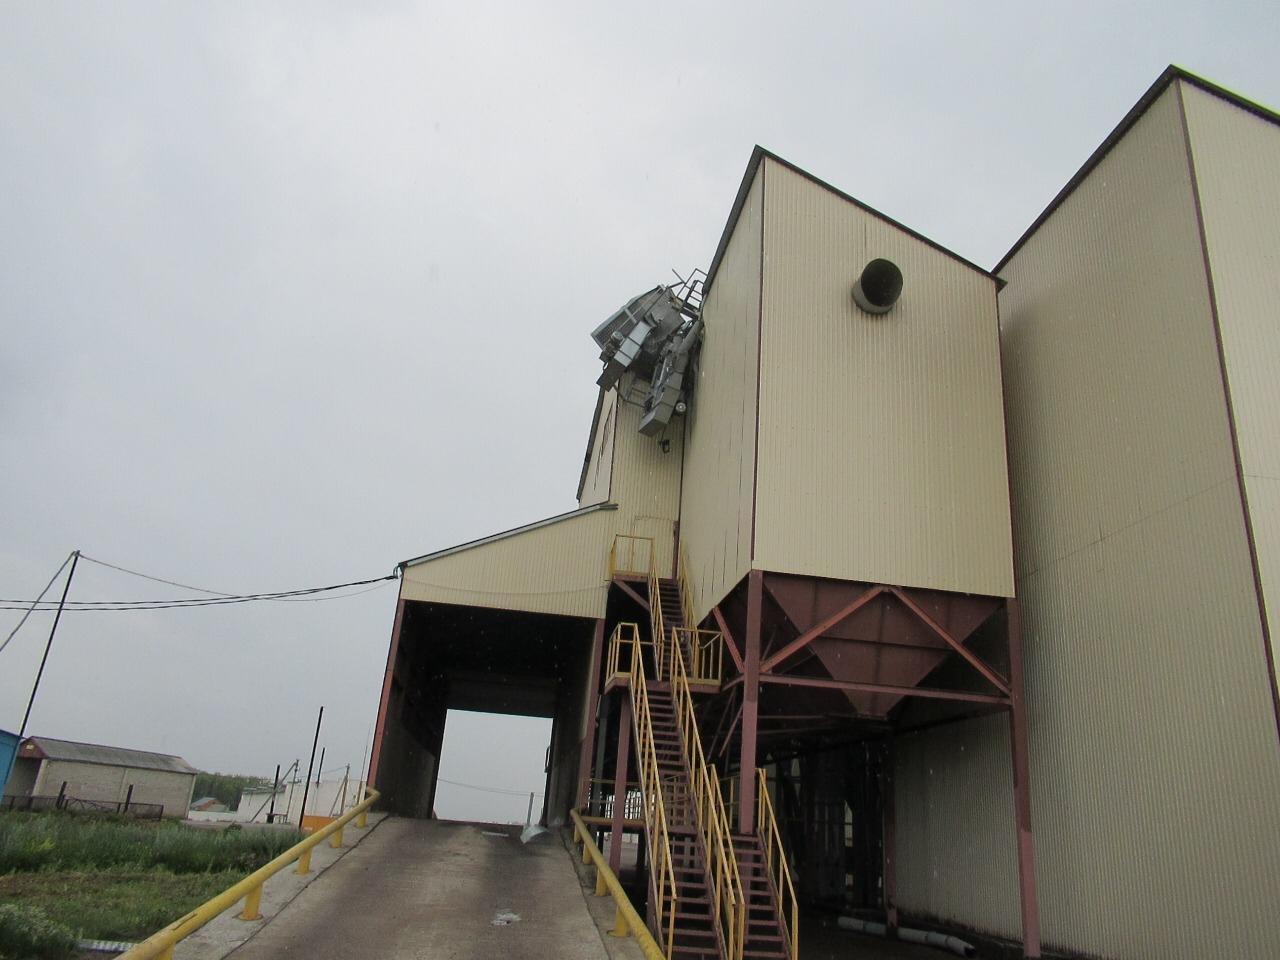 МЧС Башкирии рассказал о последствиях шквалистого ветра